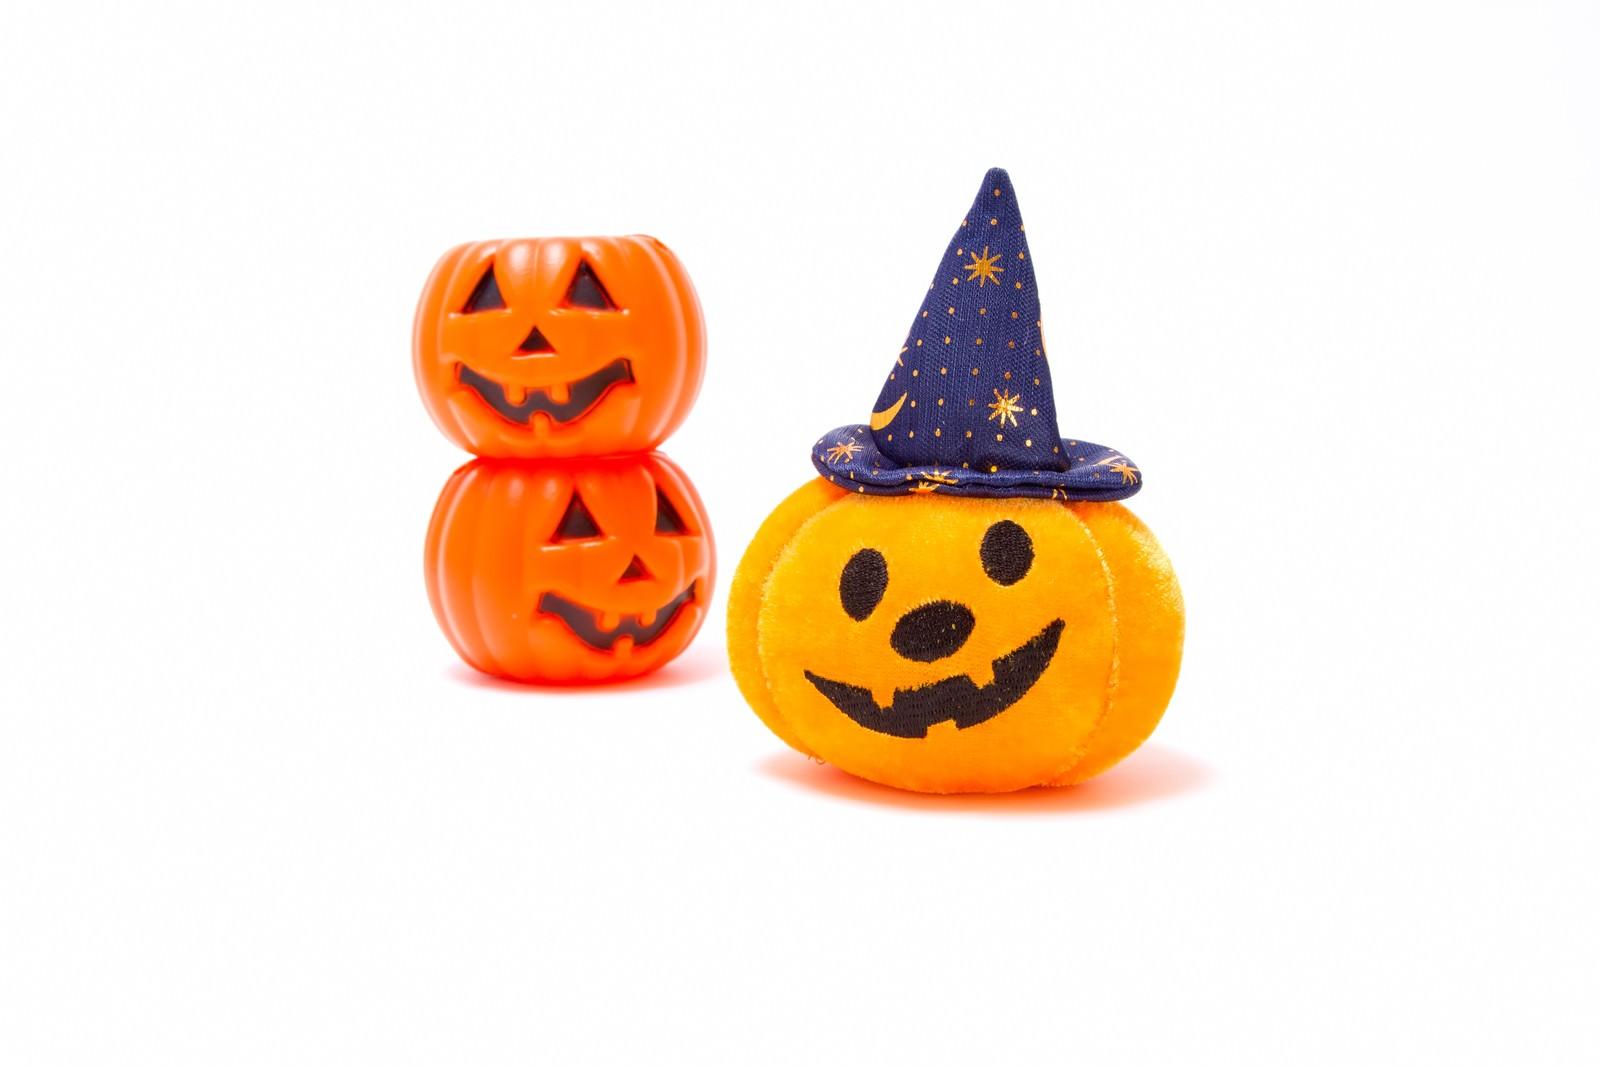 「ゆるい顔のハロウィンかぼちゃ」の写真